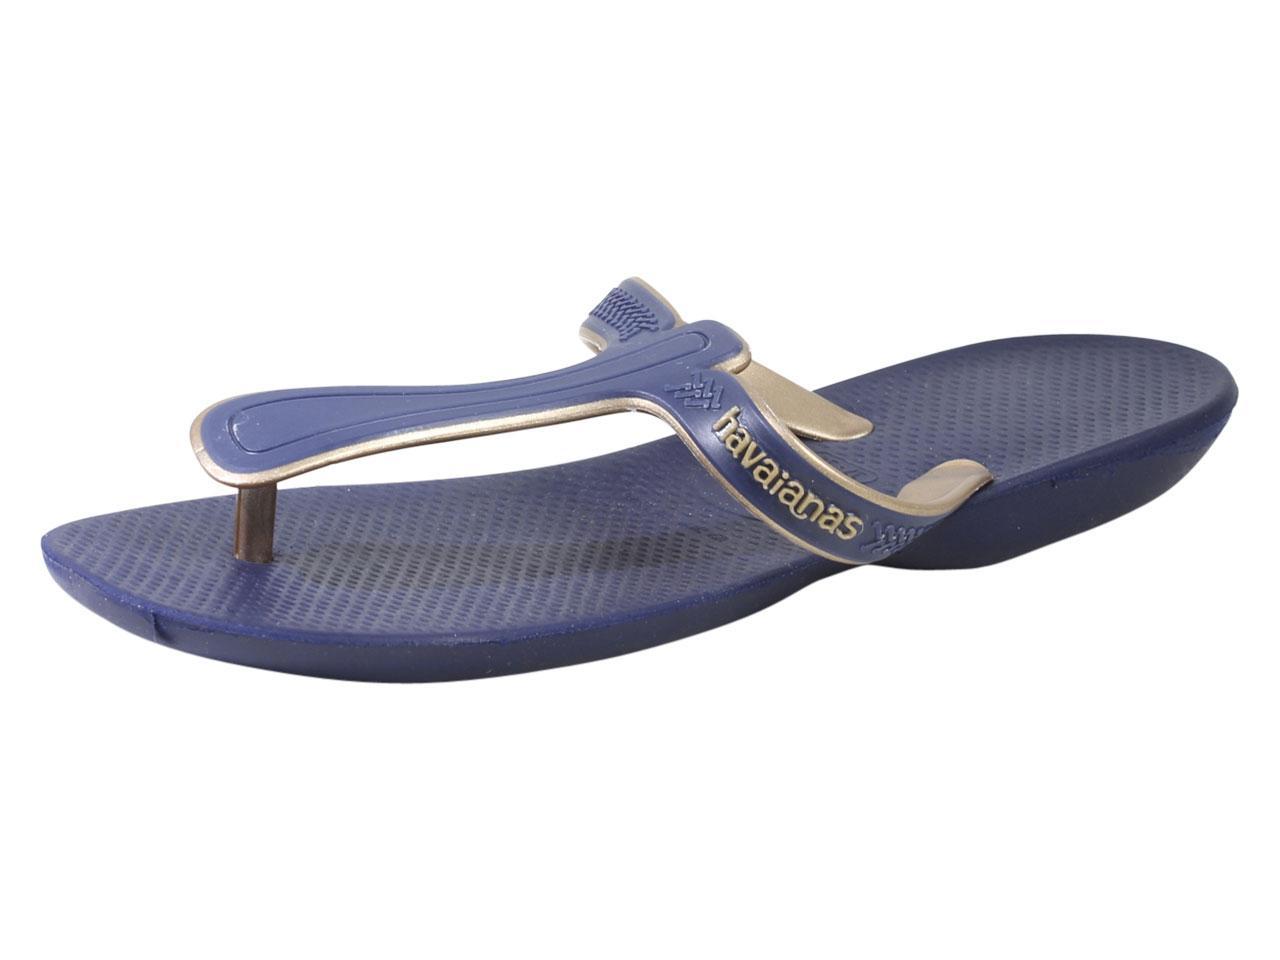 700773ae7 JoyLot.com  Shoes Women s Shoes Sandals   Flip Flops